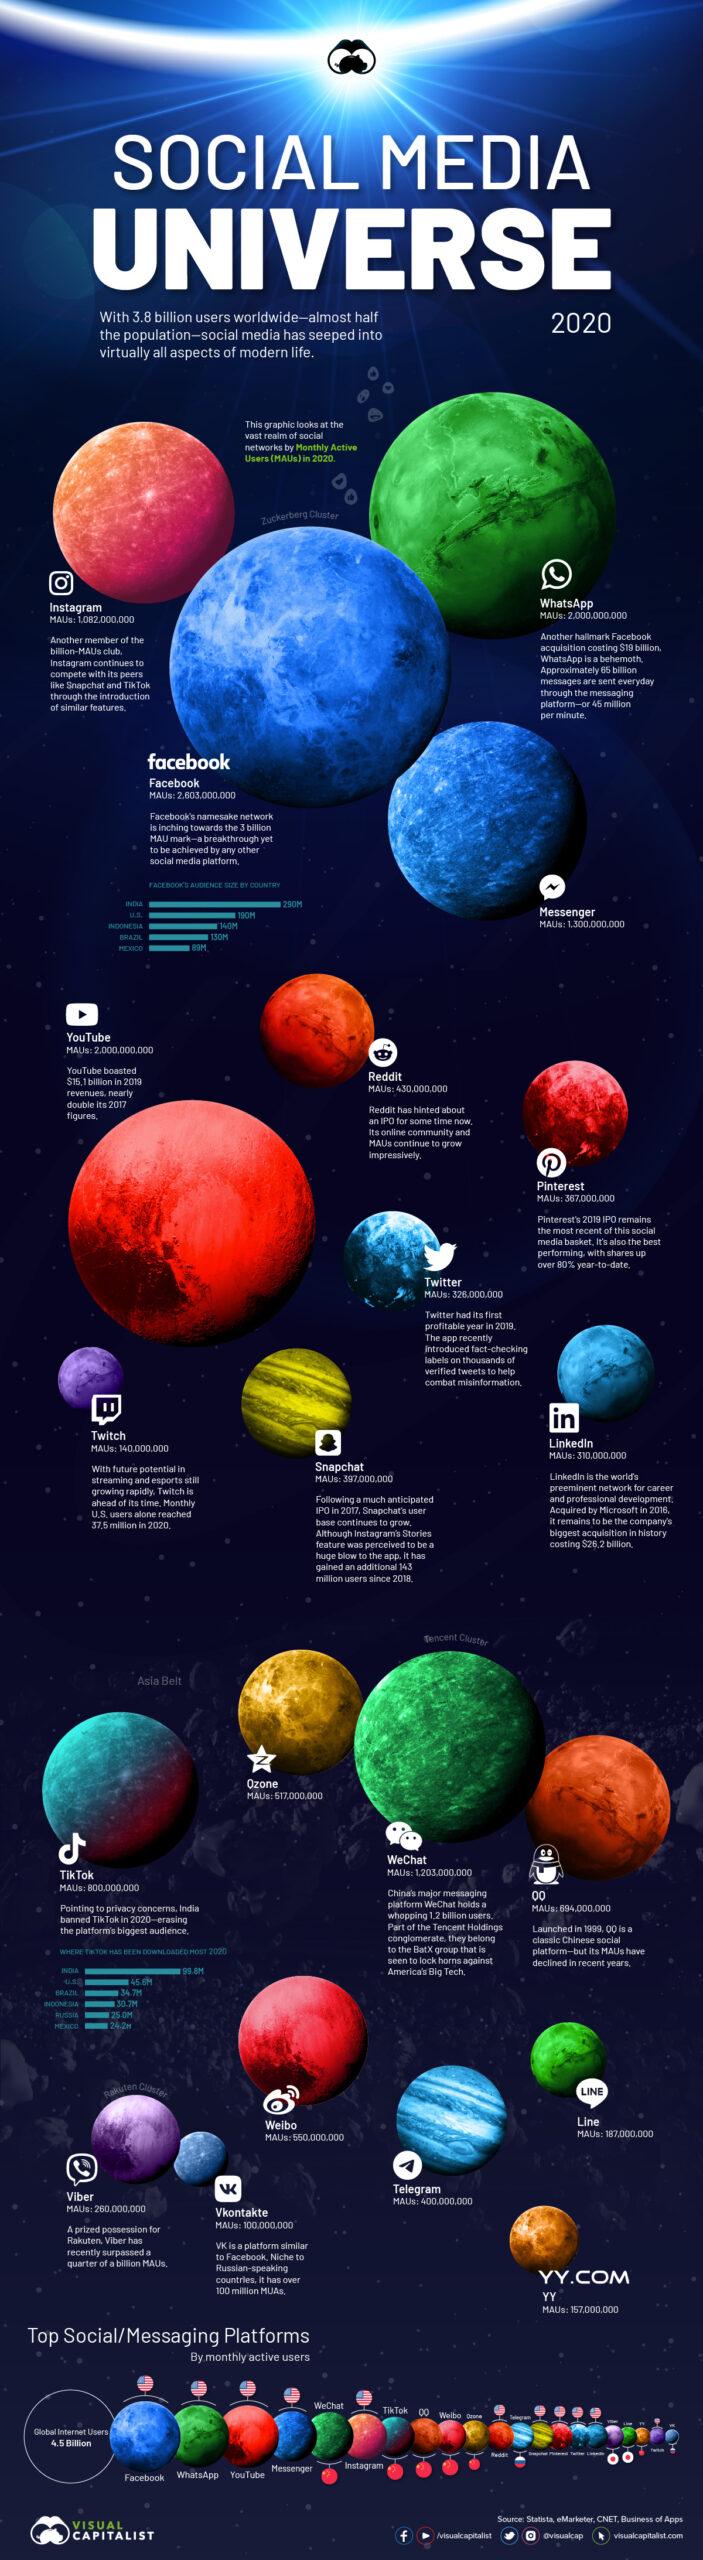 Social-media-universe-2020